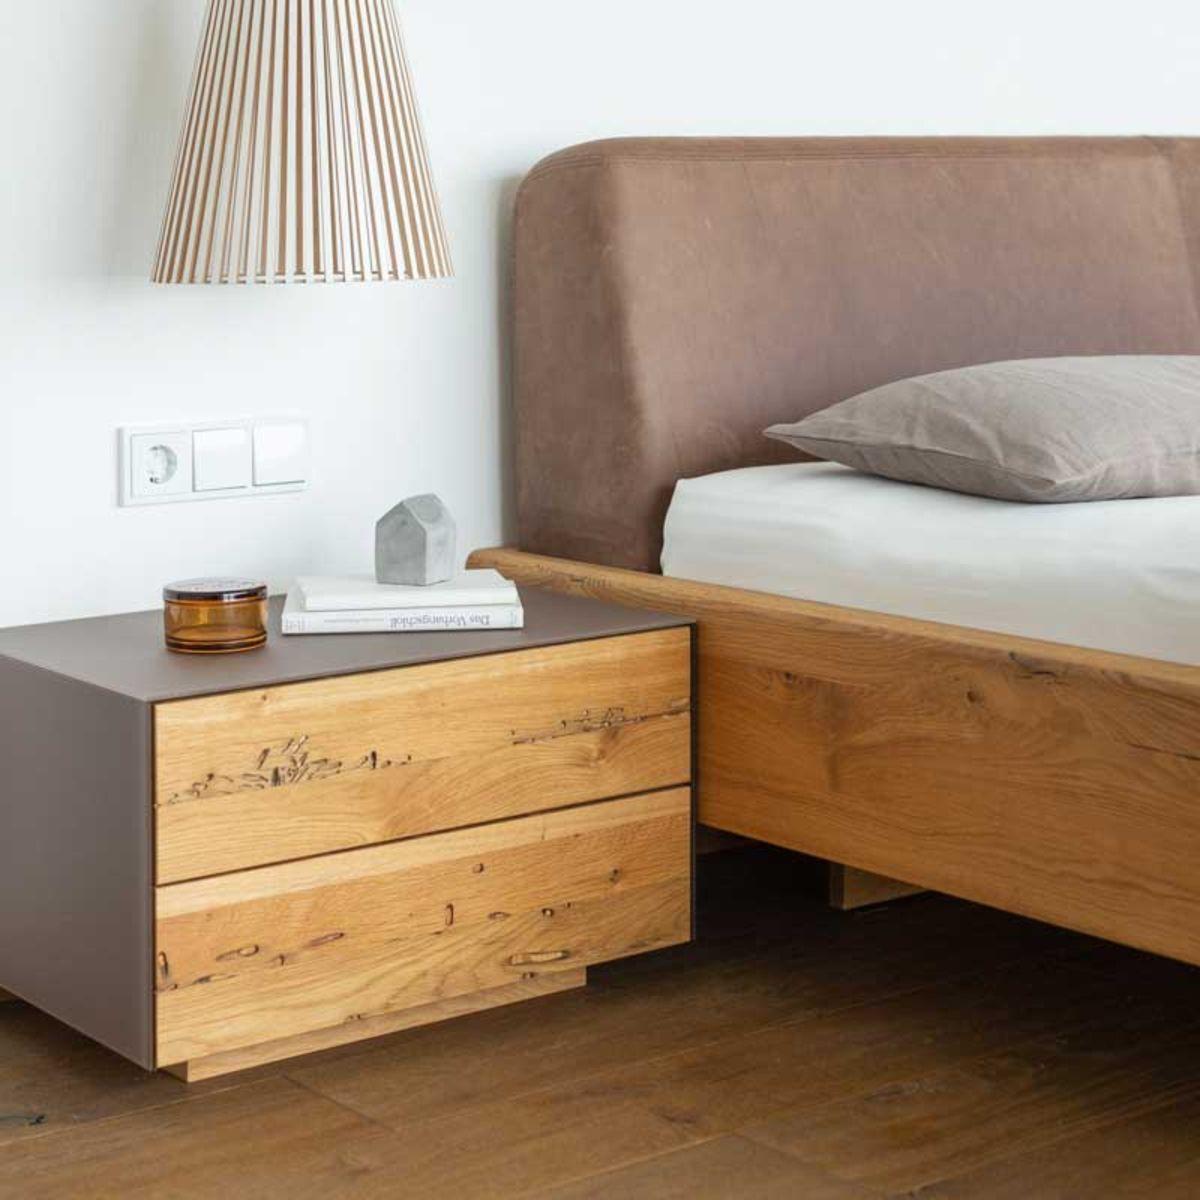 nox Bett mit cubus pure Nachtkästchen von TEAM 7 Wien